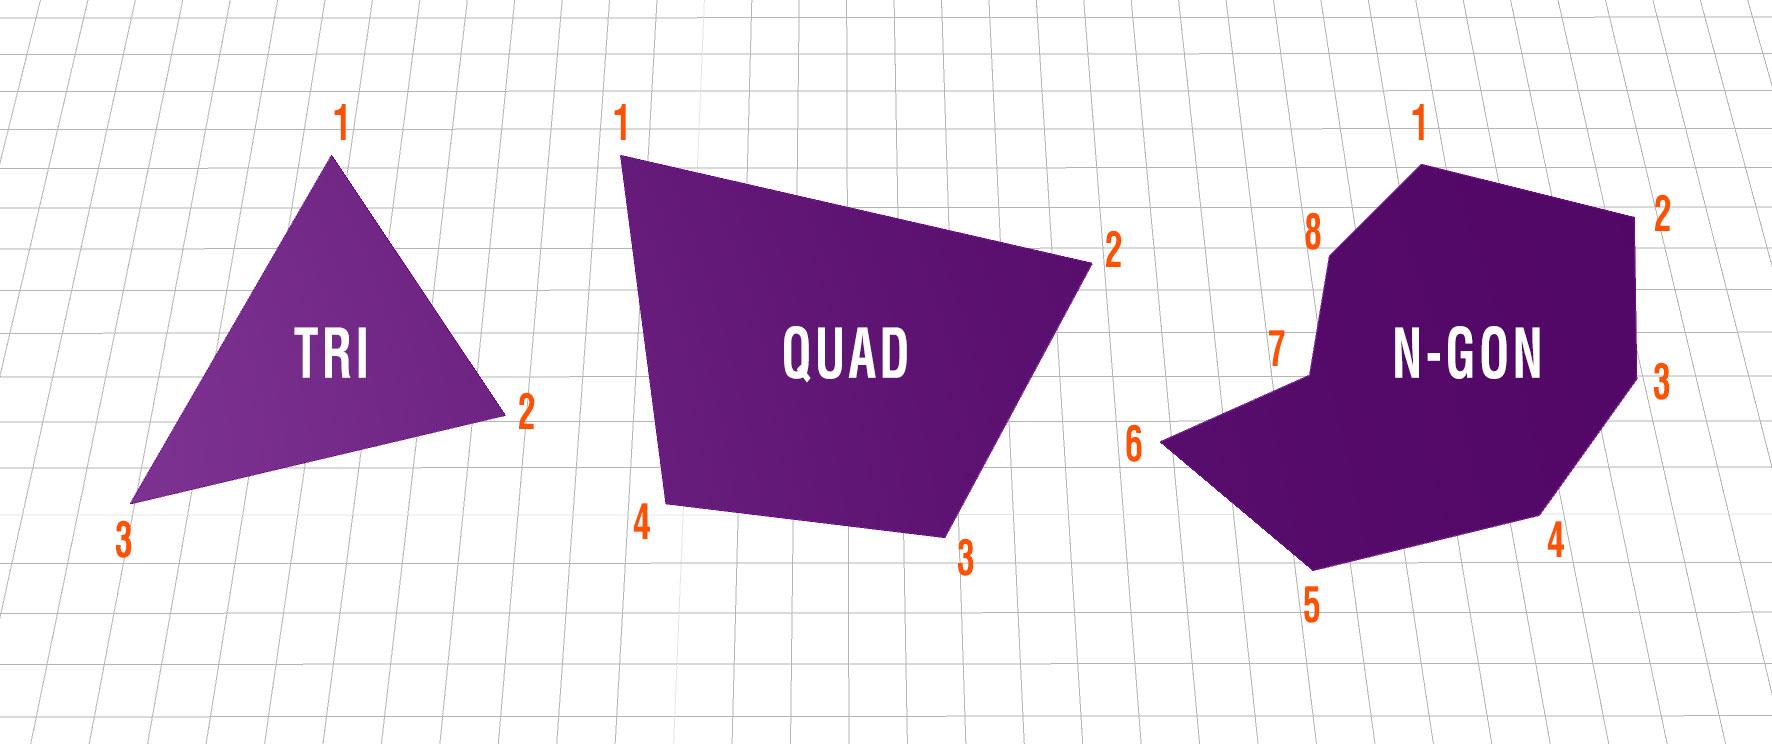 Quad Basic object